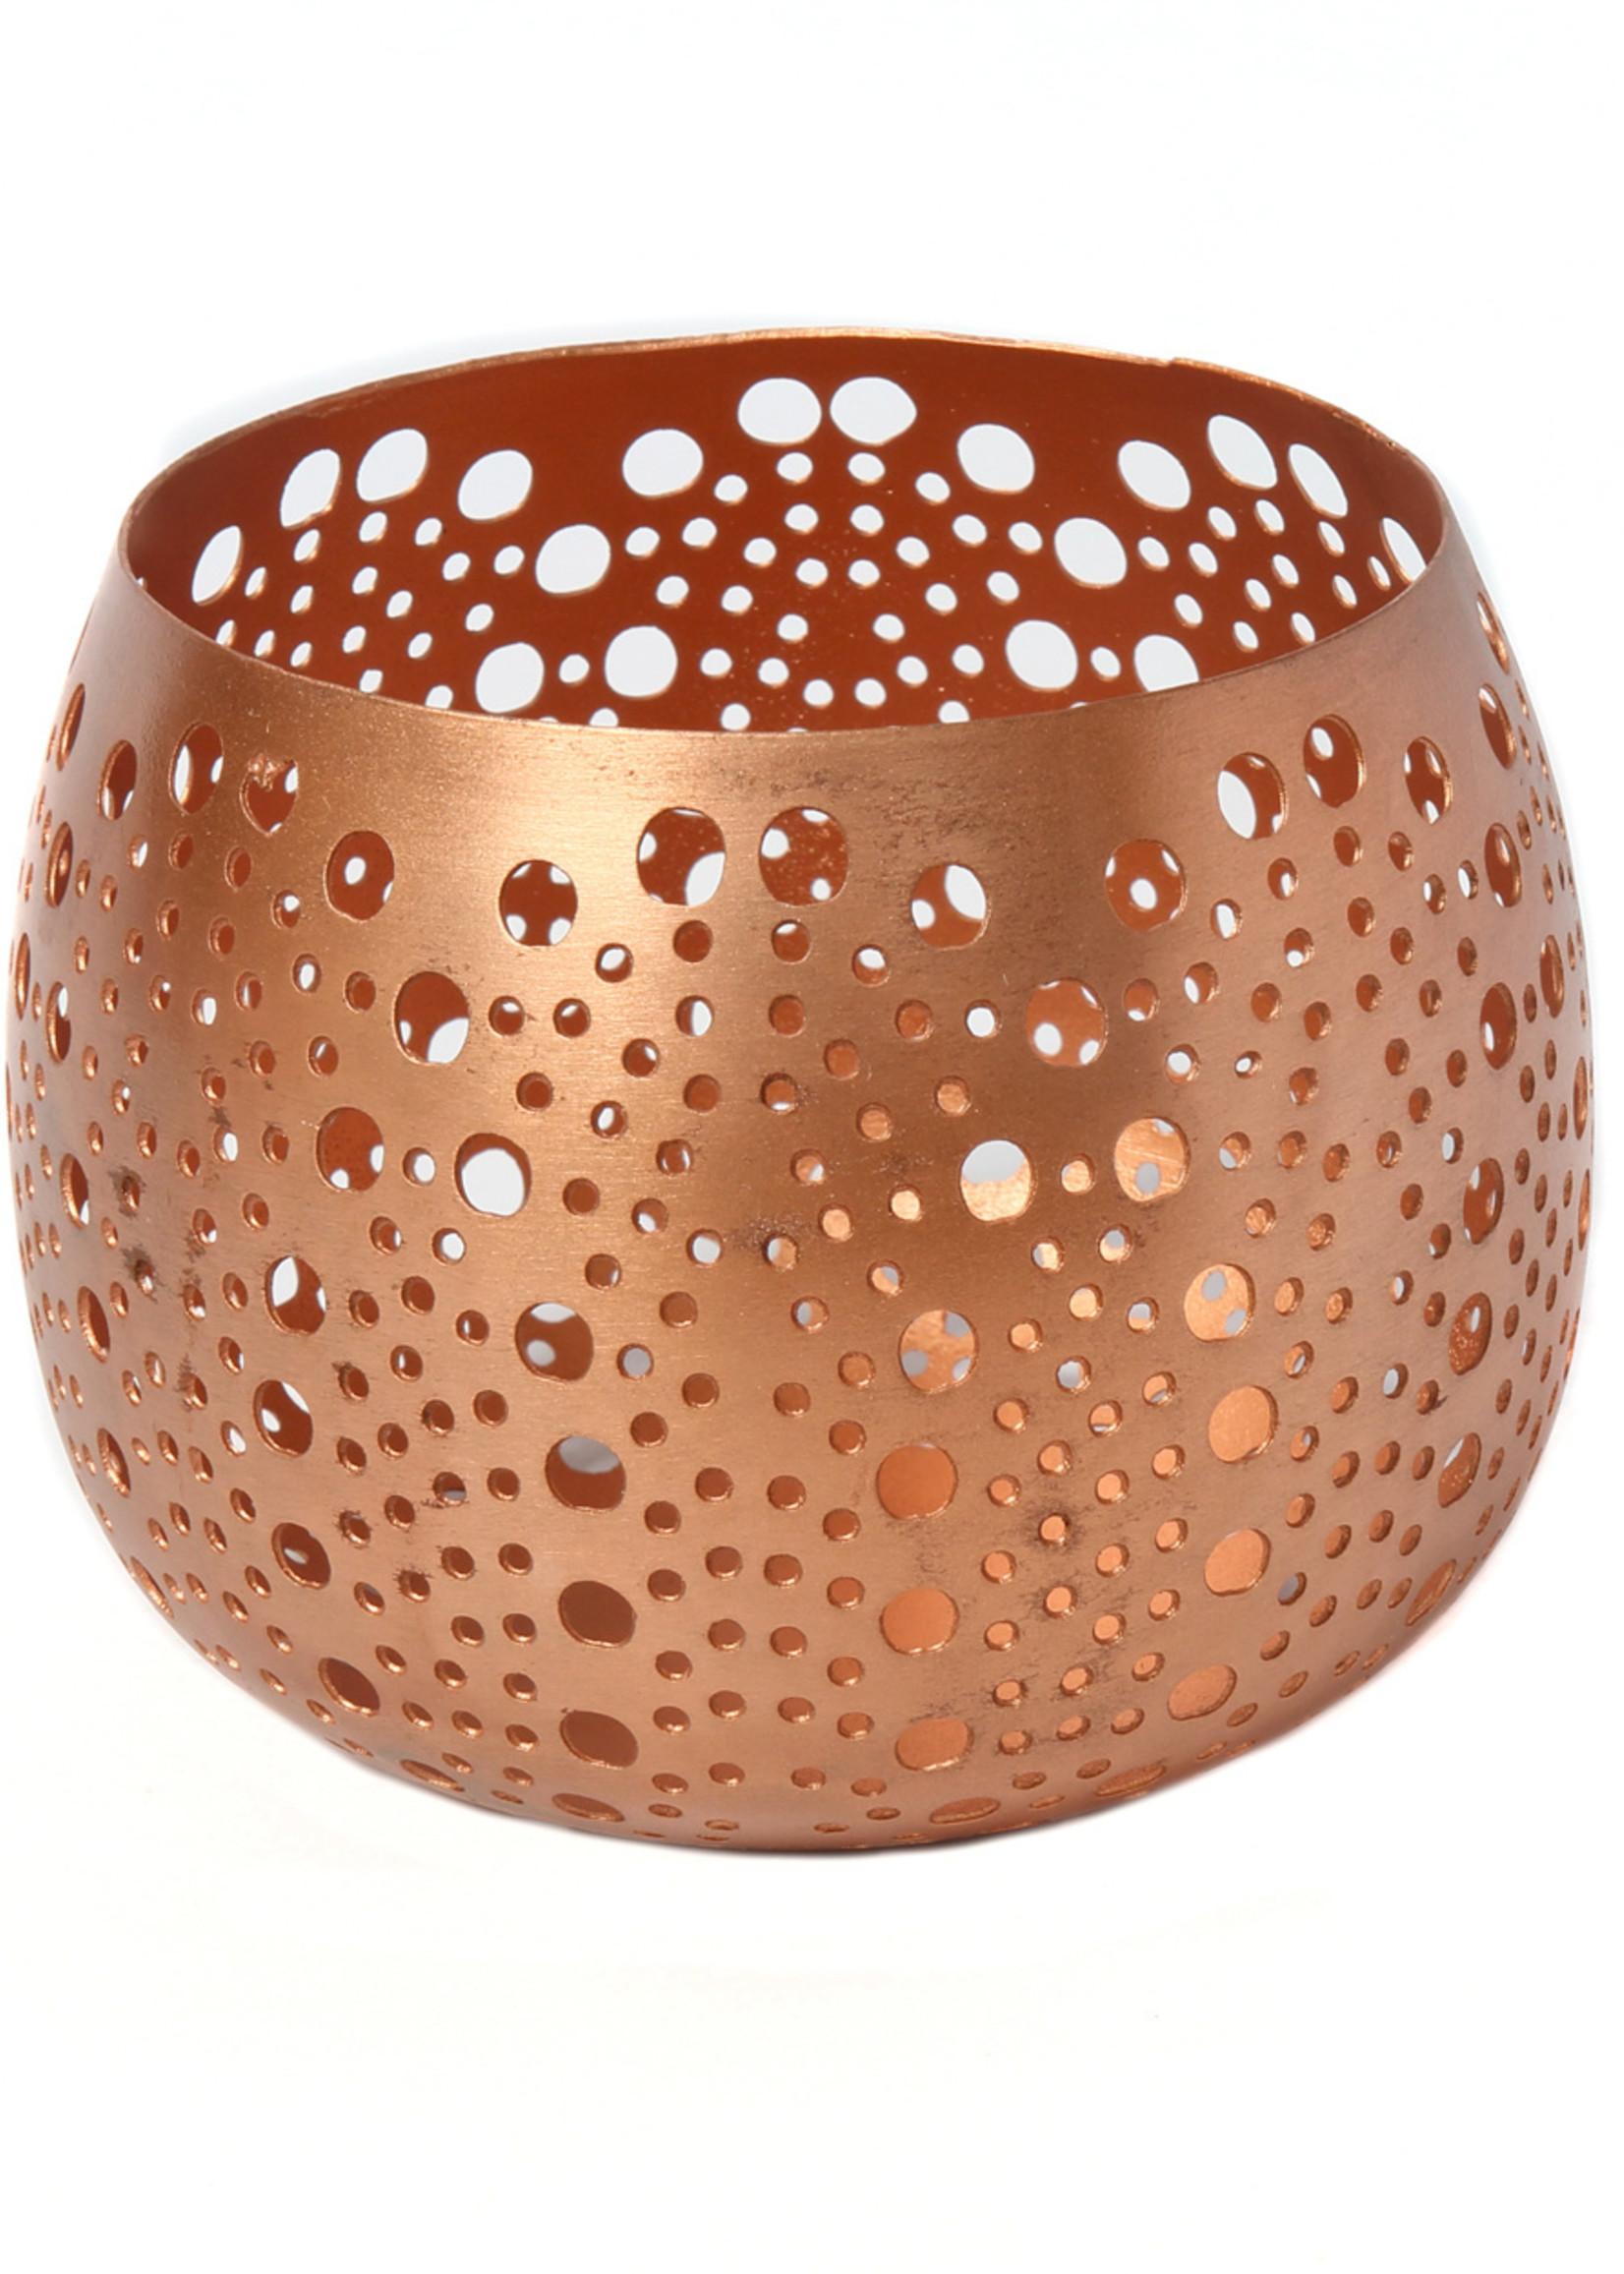 The Triangle Ball - Copper - S